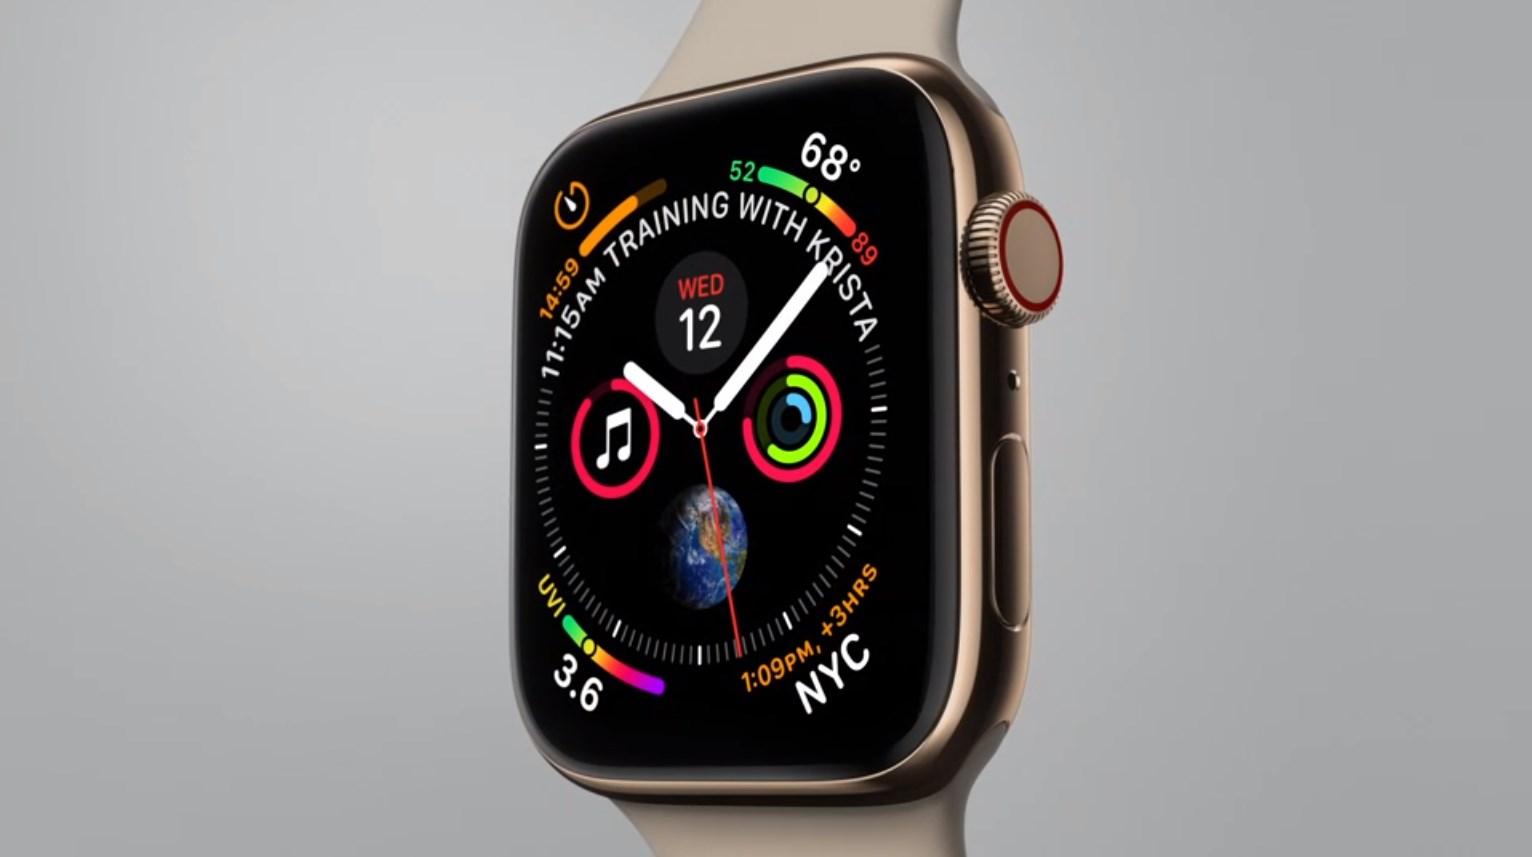 Cùng điểm qua những thay đổi đáng giá của Apple Watch Series 4 so với Series 3